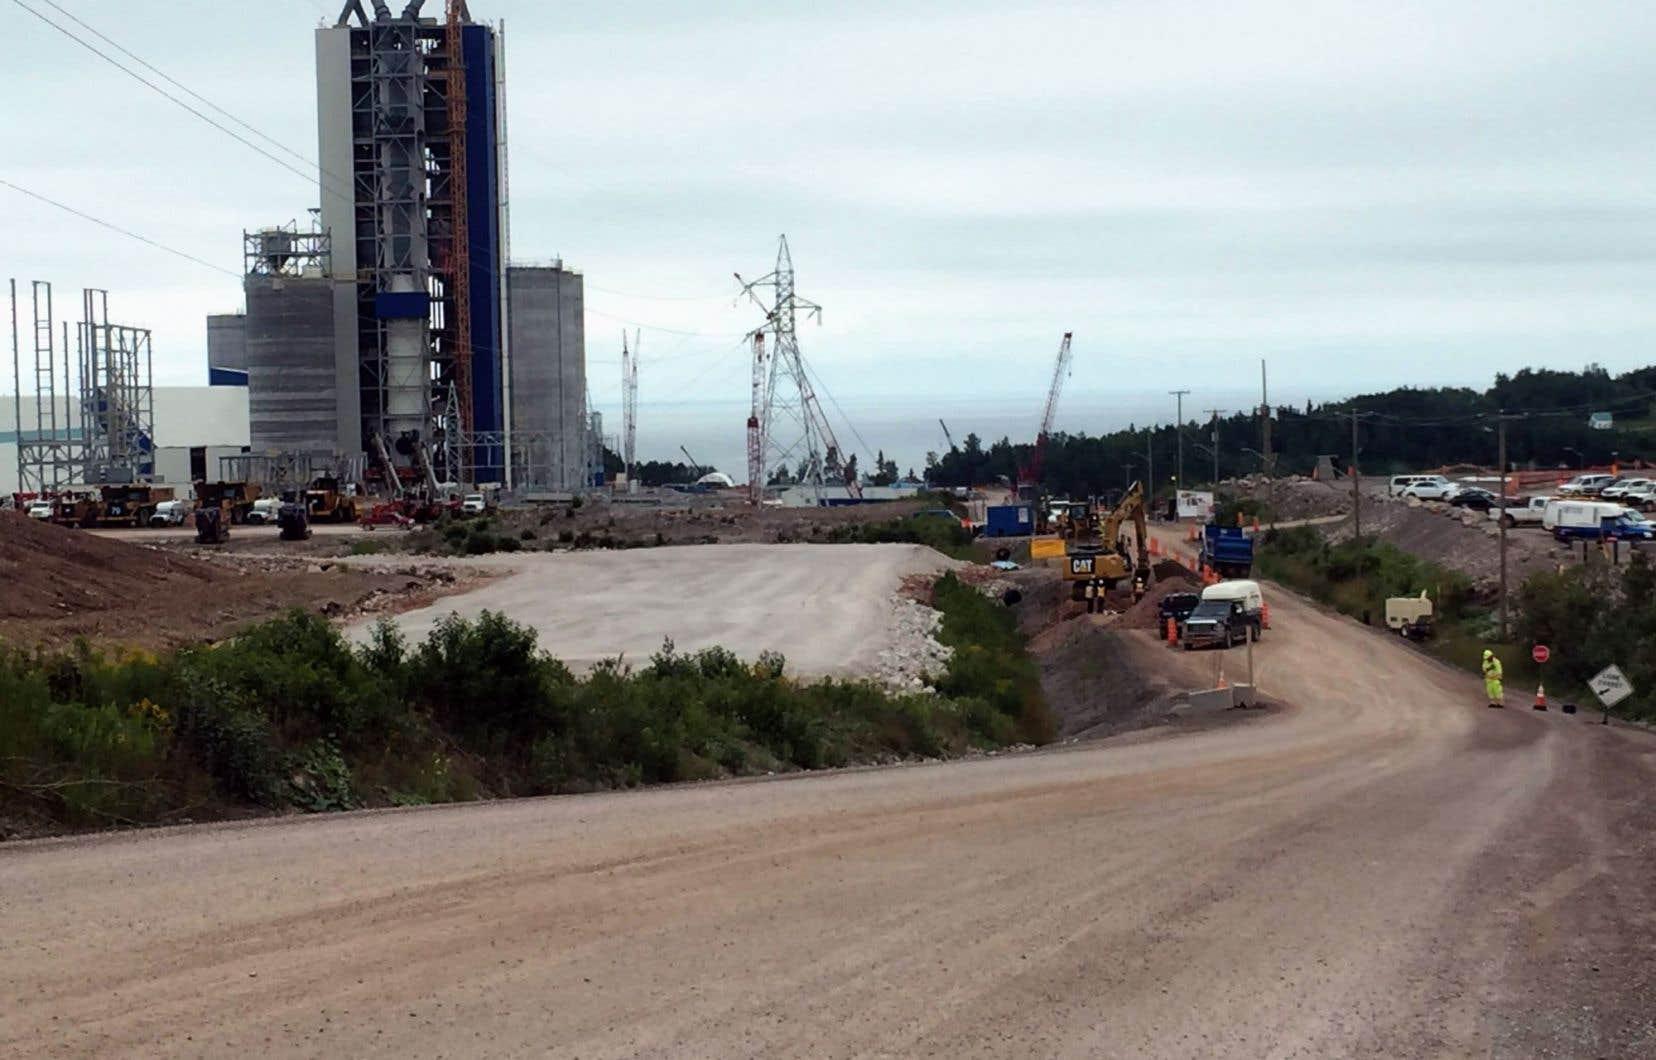 En janvier2014, MmeMarois, accompagnée de l'homme d'affaires Laurent Beaudoin (Bombardier), proclame la mise en chantier d'une cimenterie, en Gaspésie, au coût total de 1milliard.